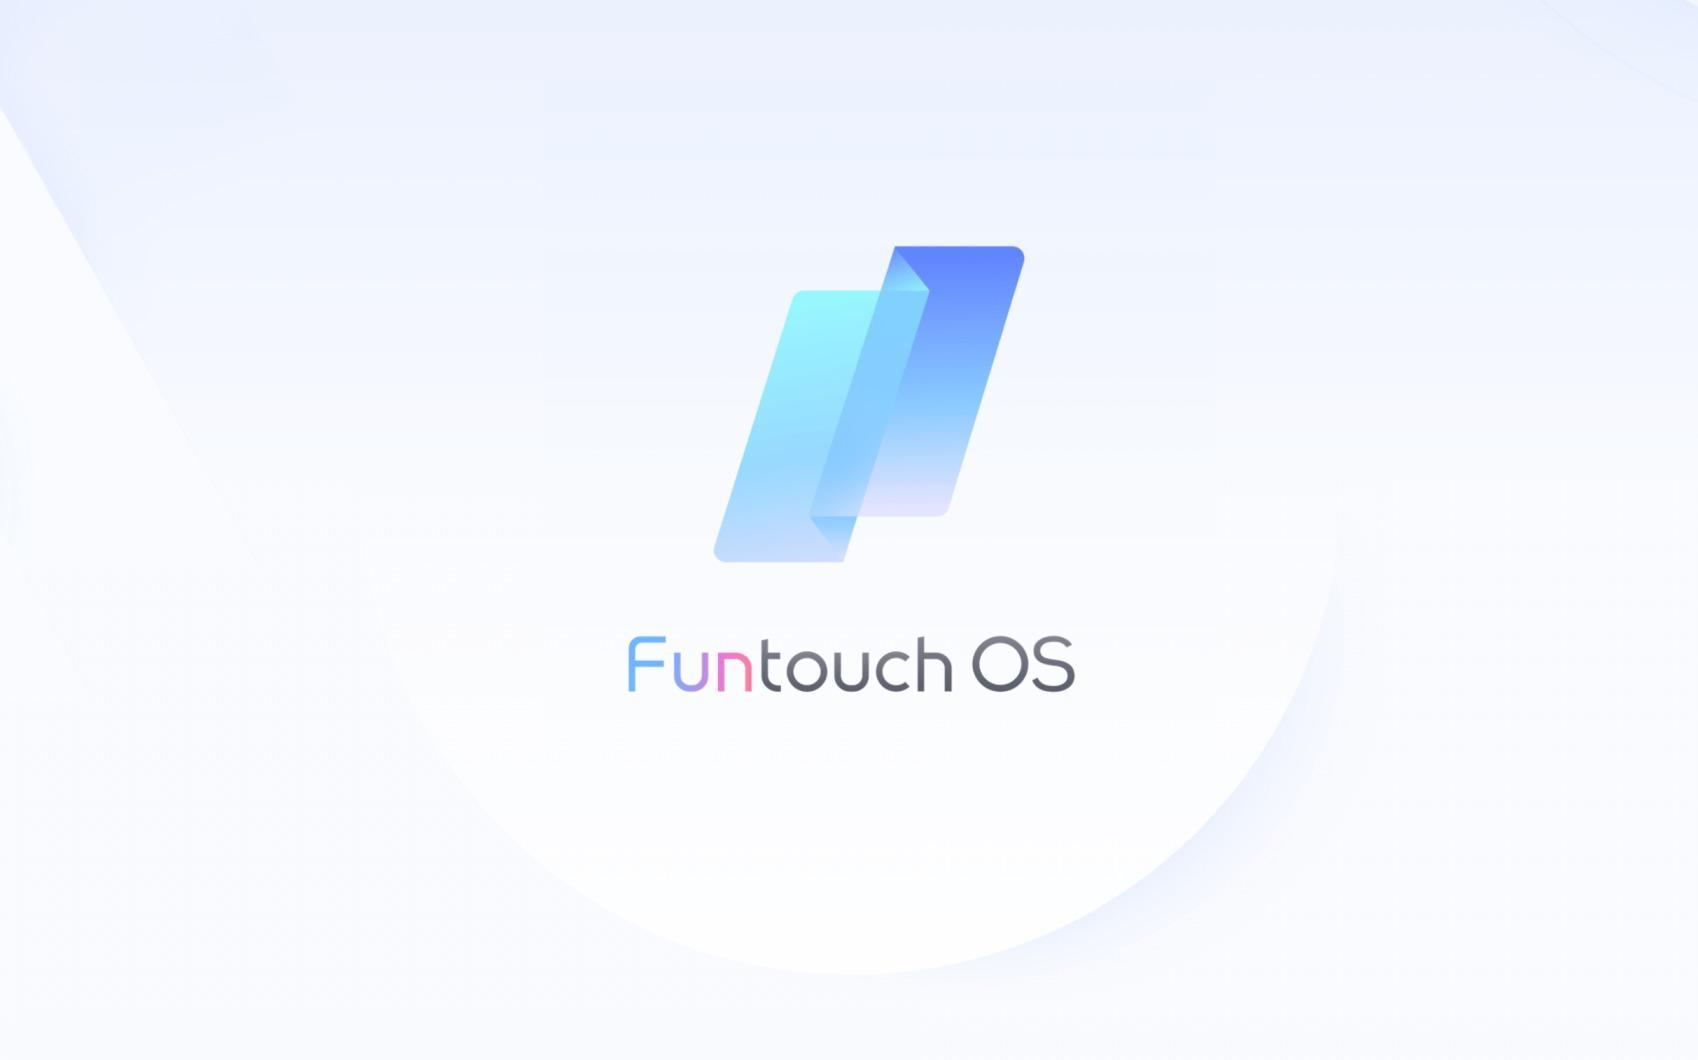 11 смартфонов vivo должны обновить до FunTouch OS Beta на базе Android 11